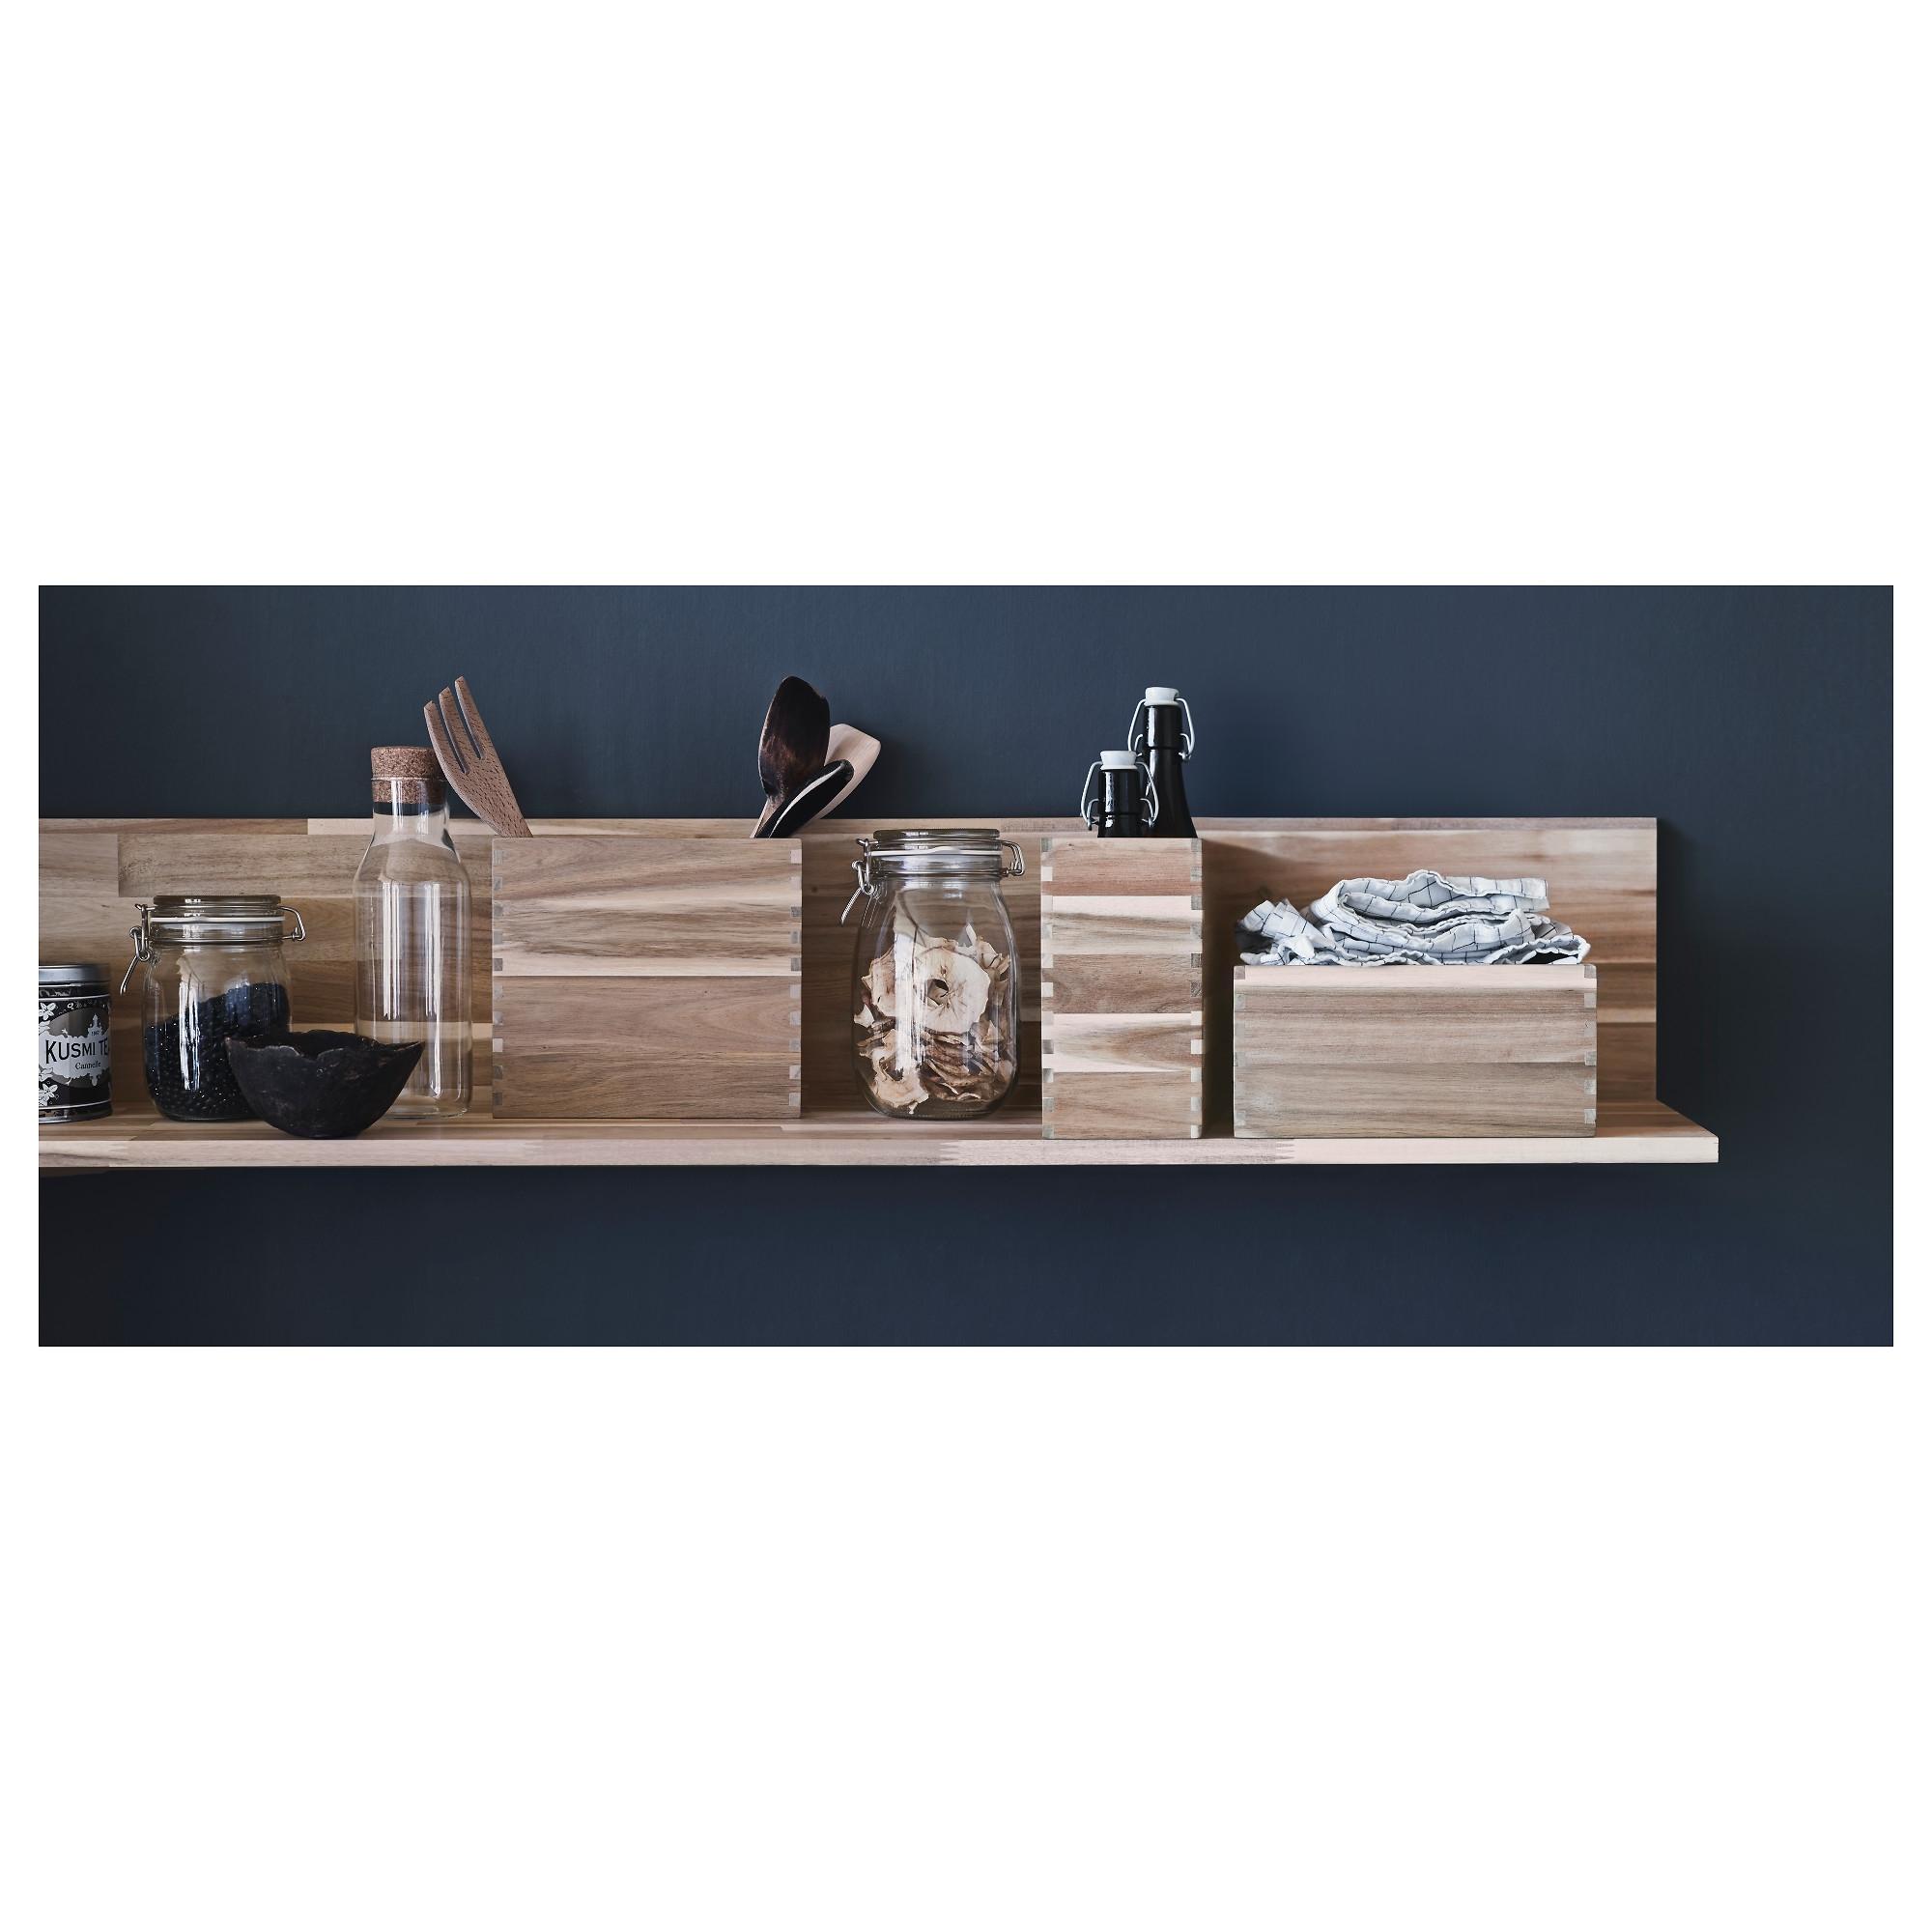 Skogsta Wall Shelf Ikea Intended For Wall Shelf (#7 of 12)